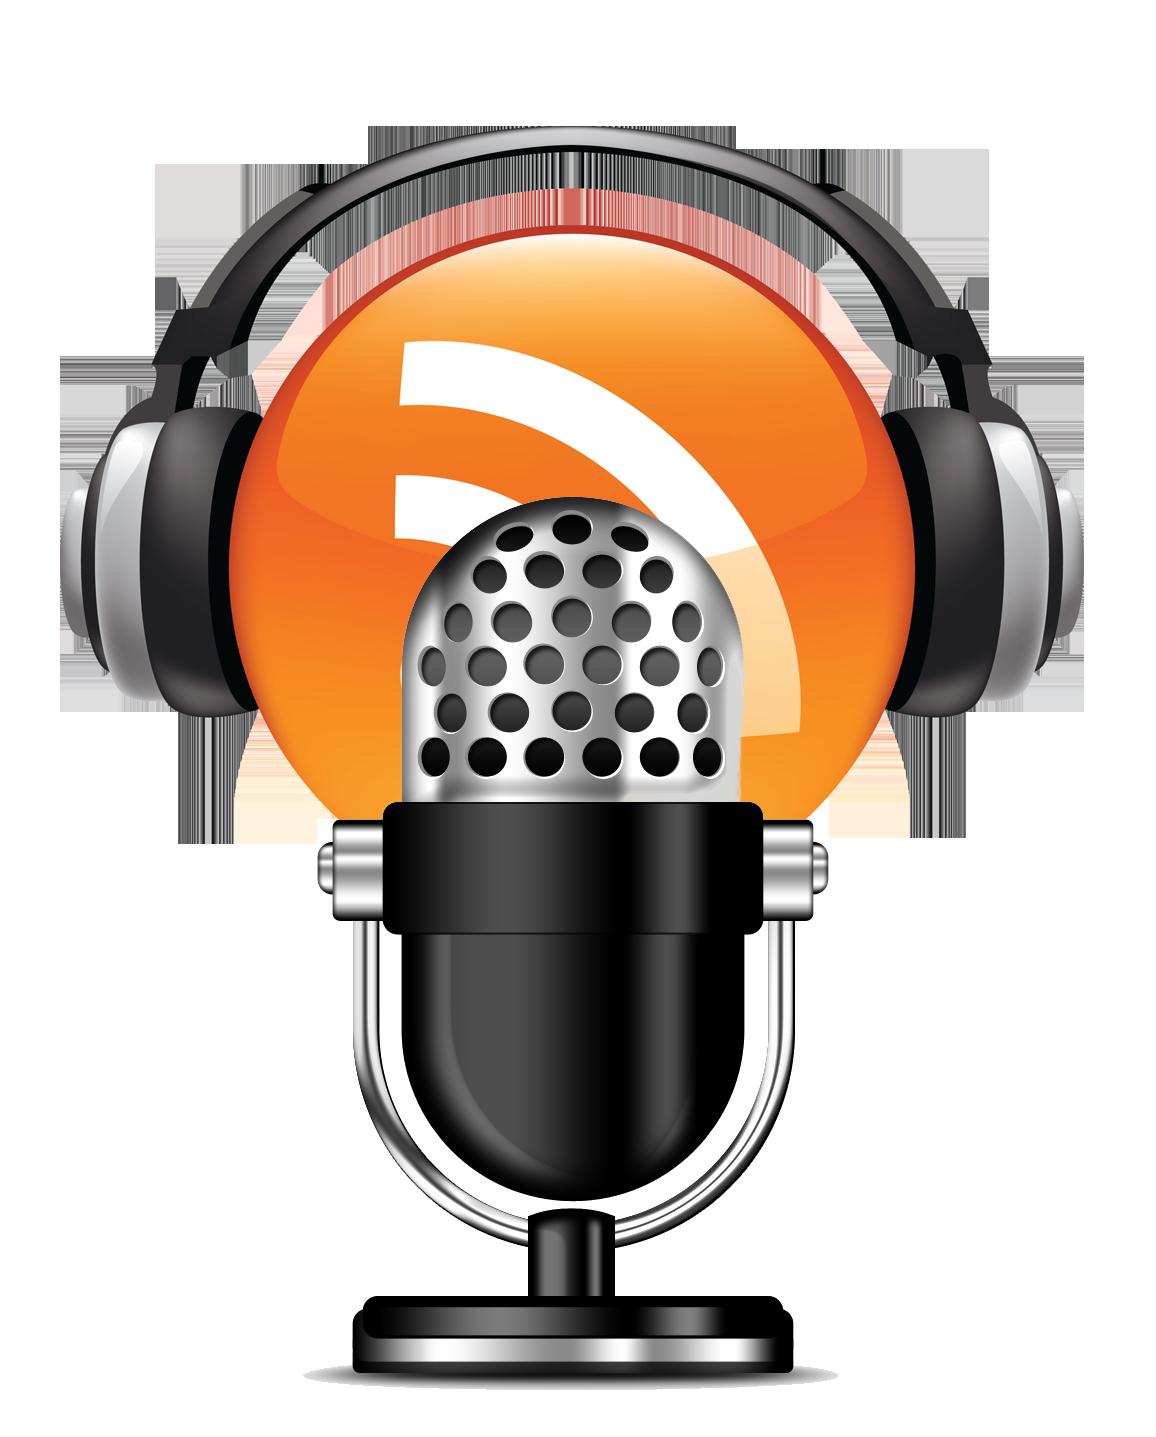 https://blogs.akamai.com/podcast.png.